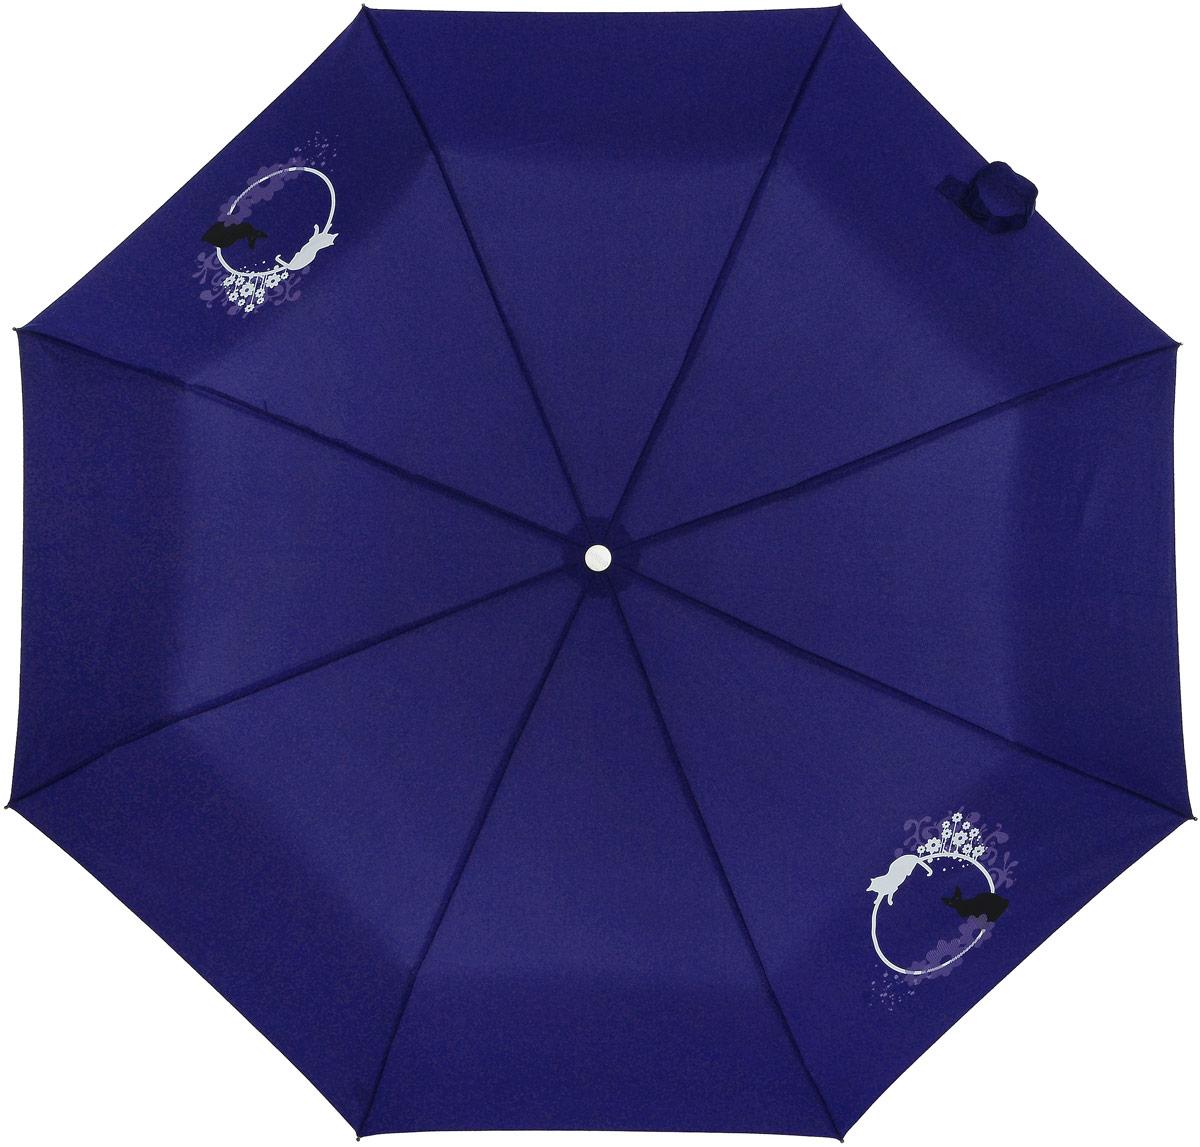 Зонт женский Airton, механический, 3 сложения, цвет: синий, белый. 3512-0953512-095Оригинальный однотонный женский зонт в 3 сложения с миниатюрным цветочным принтом. Данная модель оснащена механической системой открытия и закрытия. Удобная ручка выполнена из пластика в тон основному цвету купола зонта. Модель зонта выполнена в стандартном размере, оснащена системой Антиветер. Этот стильный аксессуар поместится практически в любую женскую сумочку благодаря своим небольшим размерам.